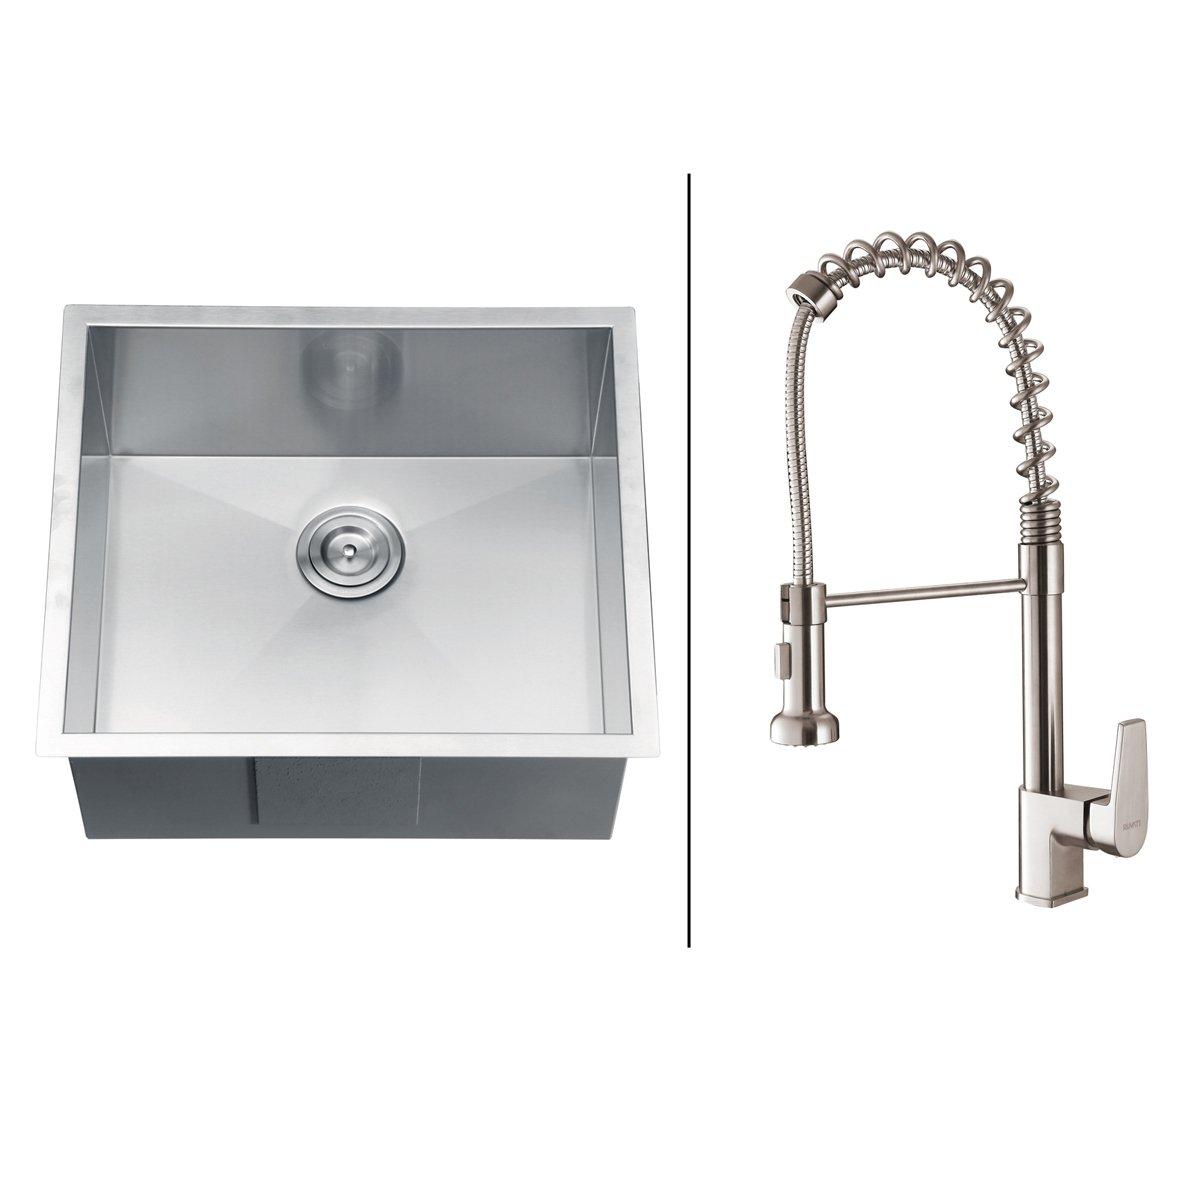 Aquasource lavatory Faucets